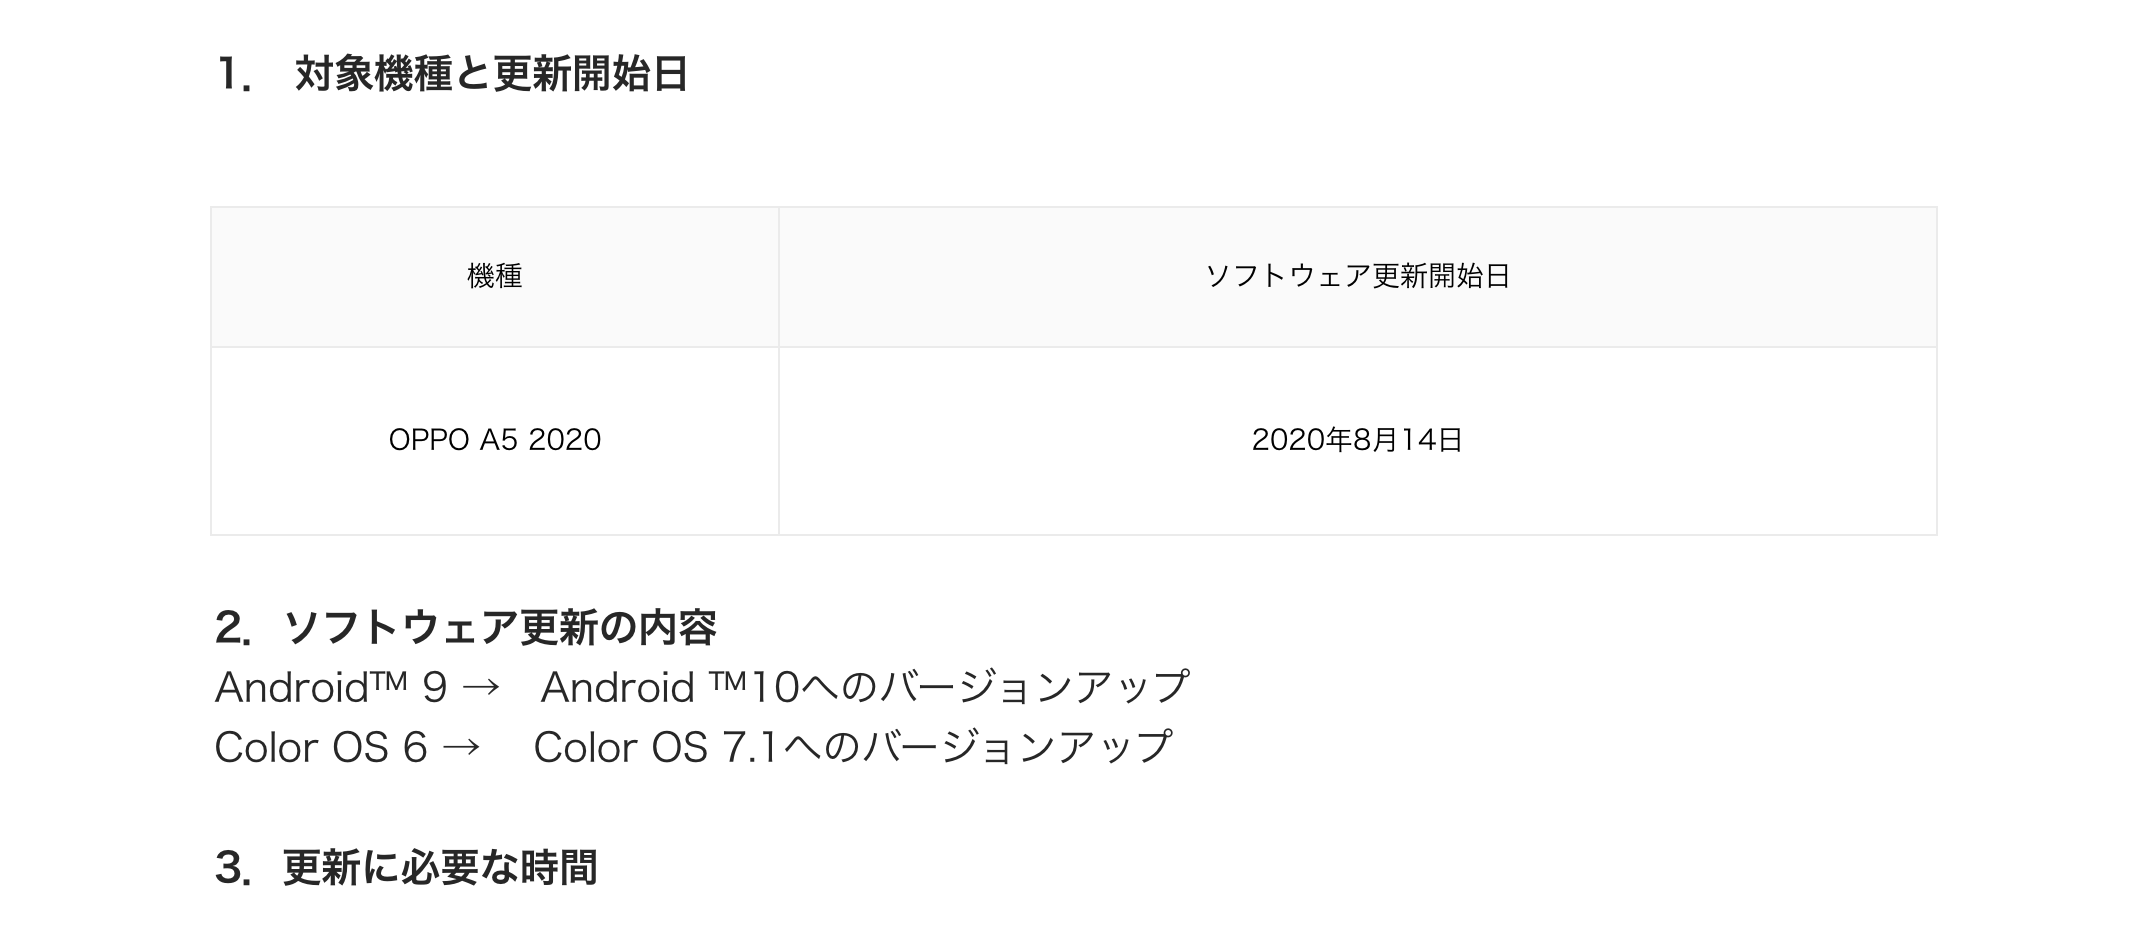 f:id:Azusa_Hirano:20200821164826p:plain